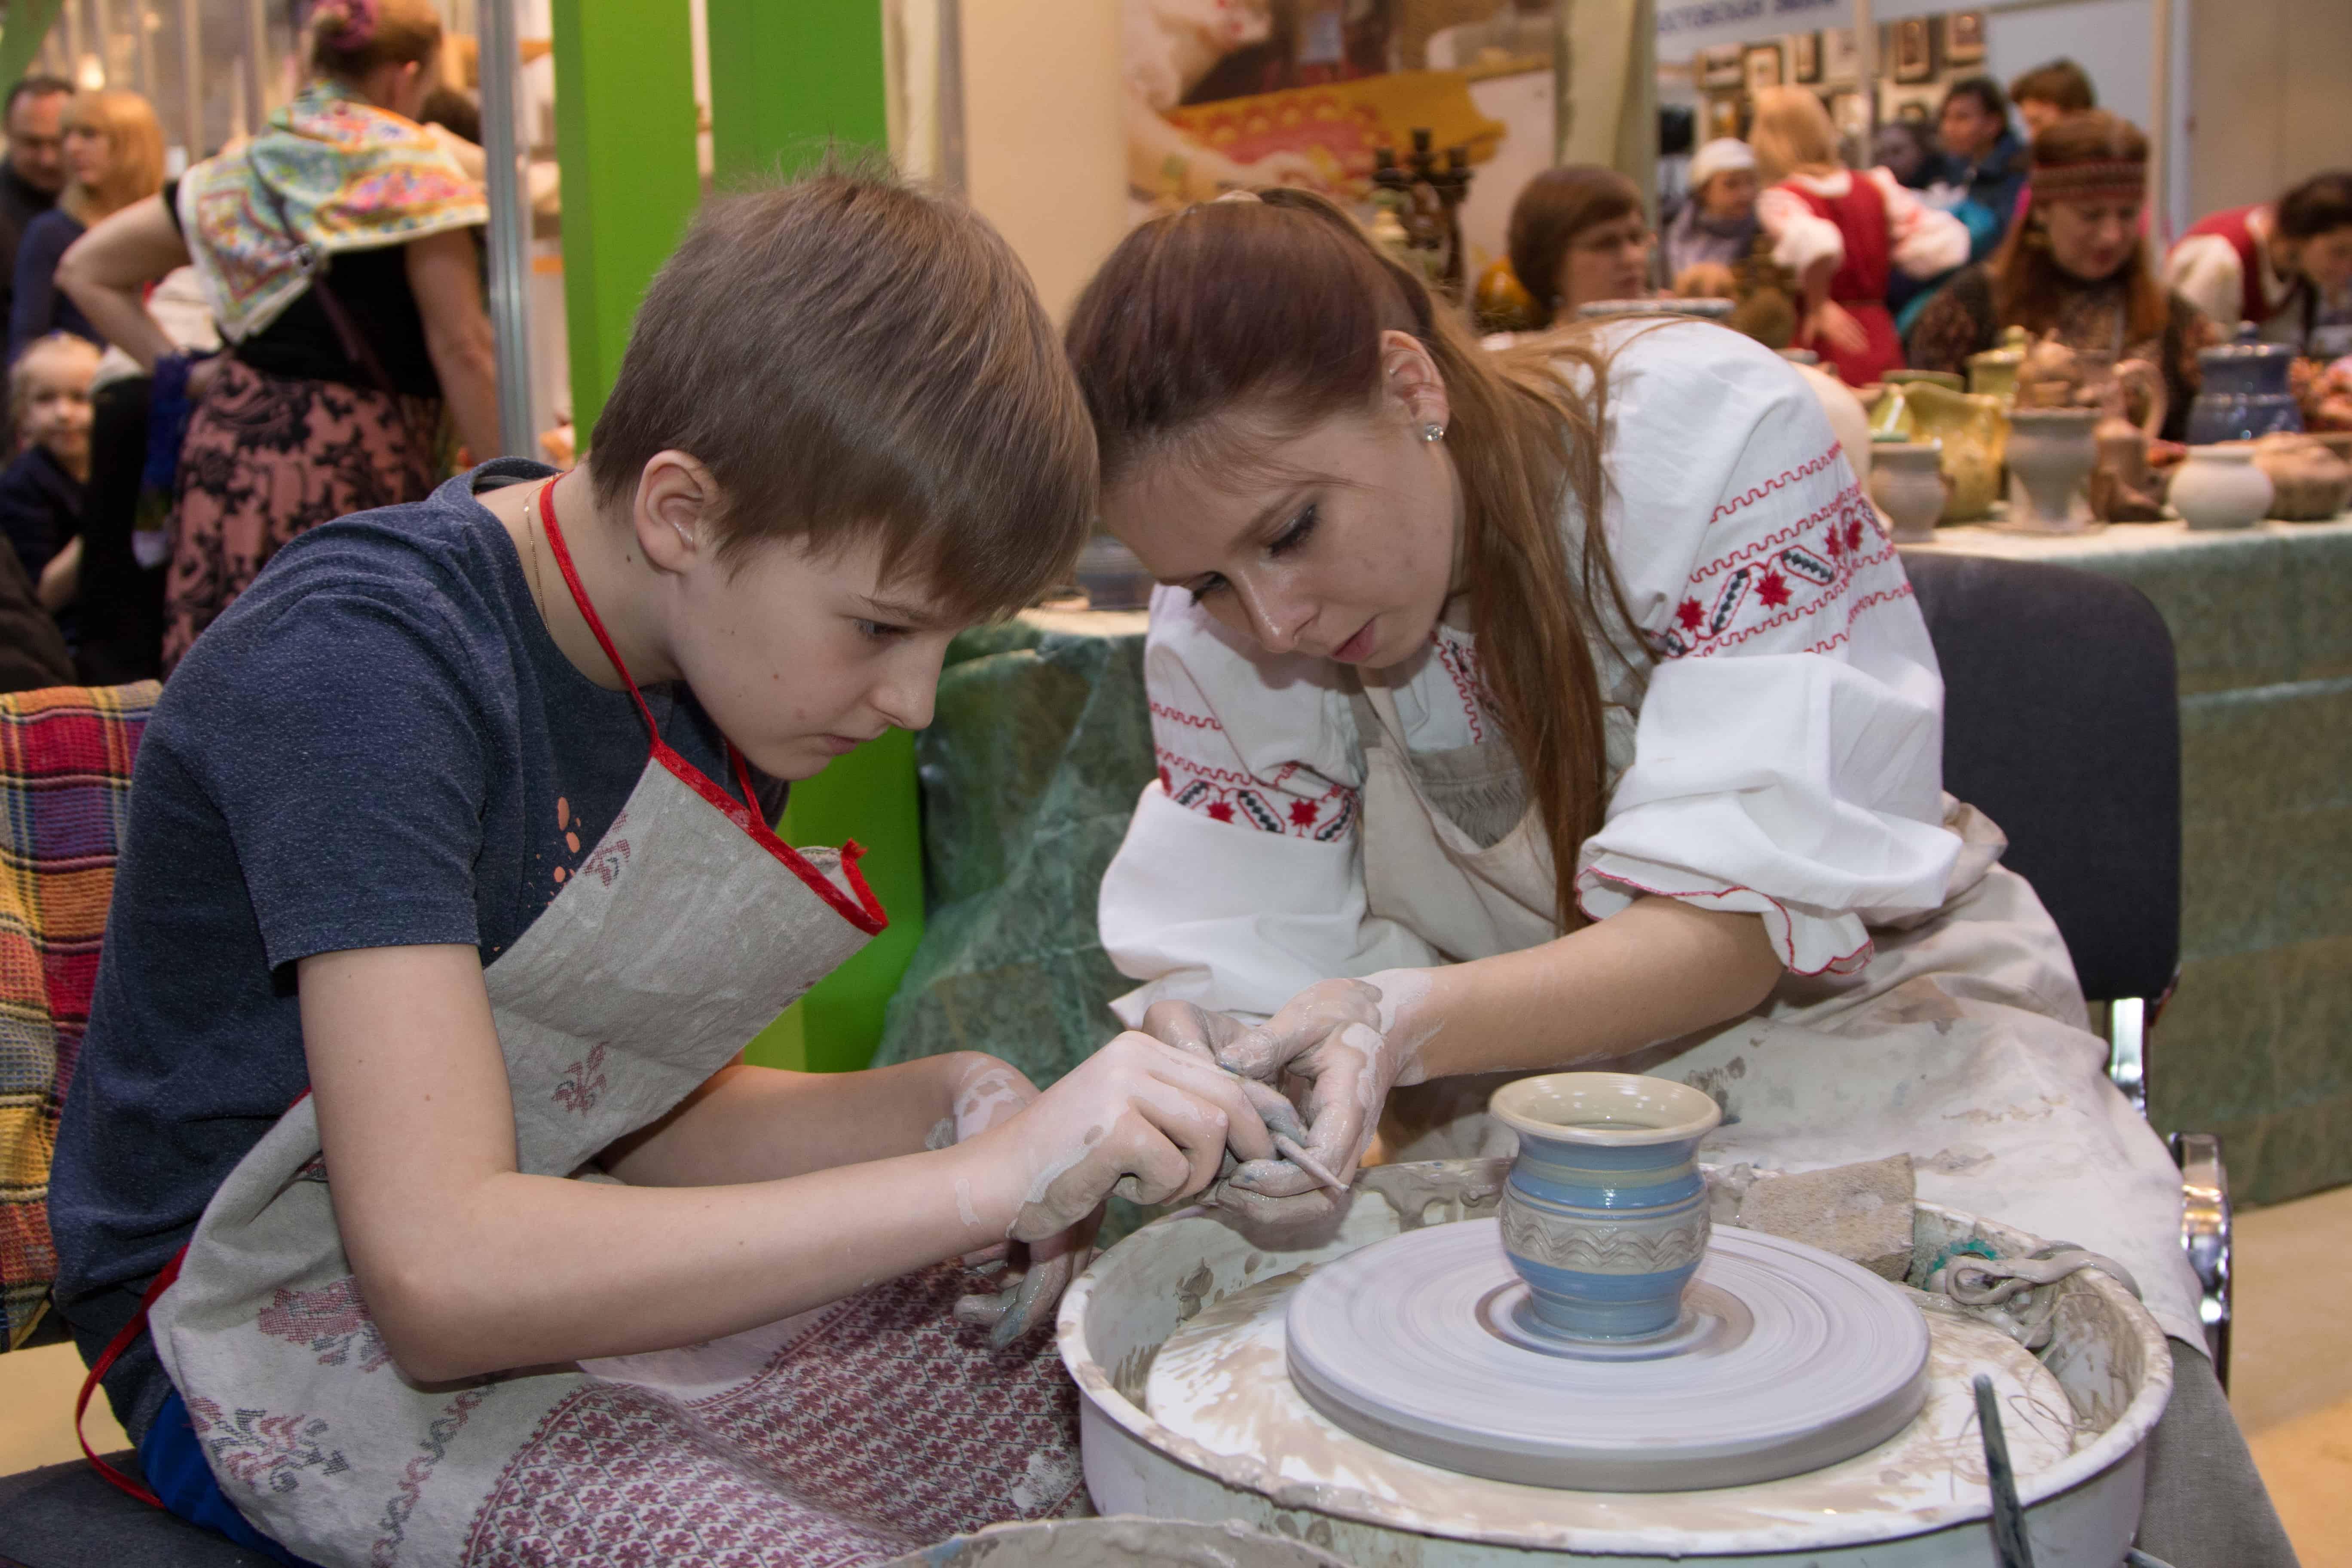 XXIII выставка – ярмарка народных художественных промыслов  «ЛАДЬЯ. Зимняя сказка-2017». IMG 8831 1